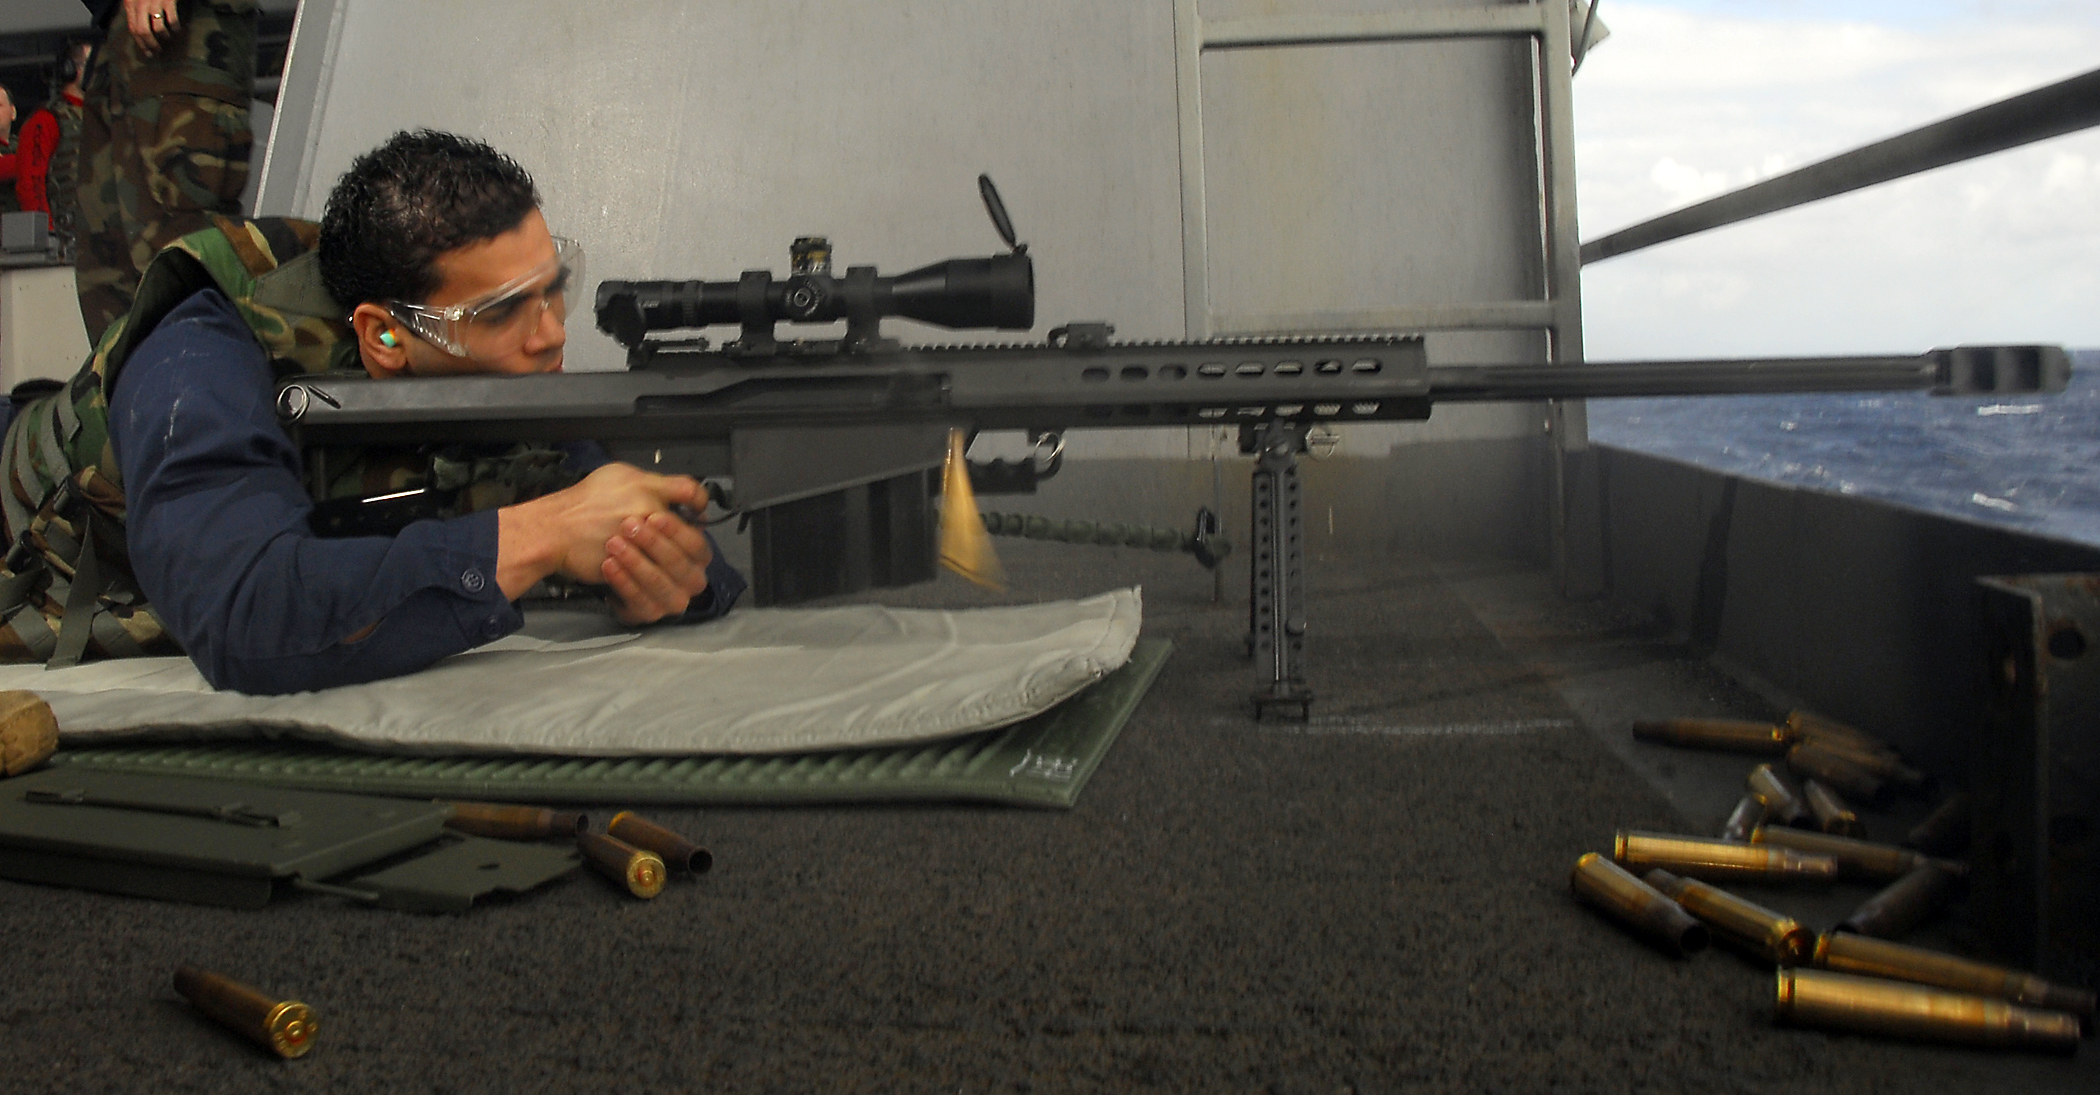 gun facts gun control facts concerning 50 caliber rifles